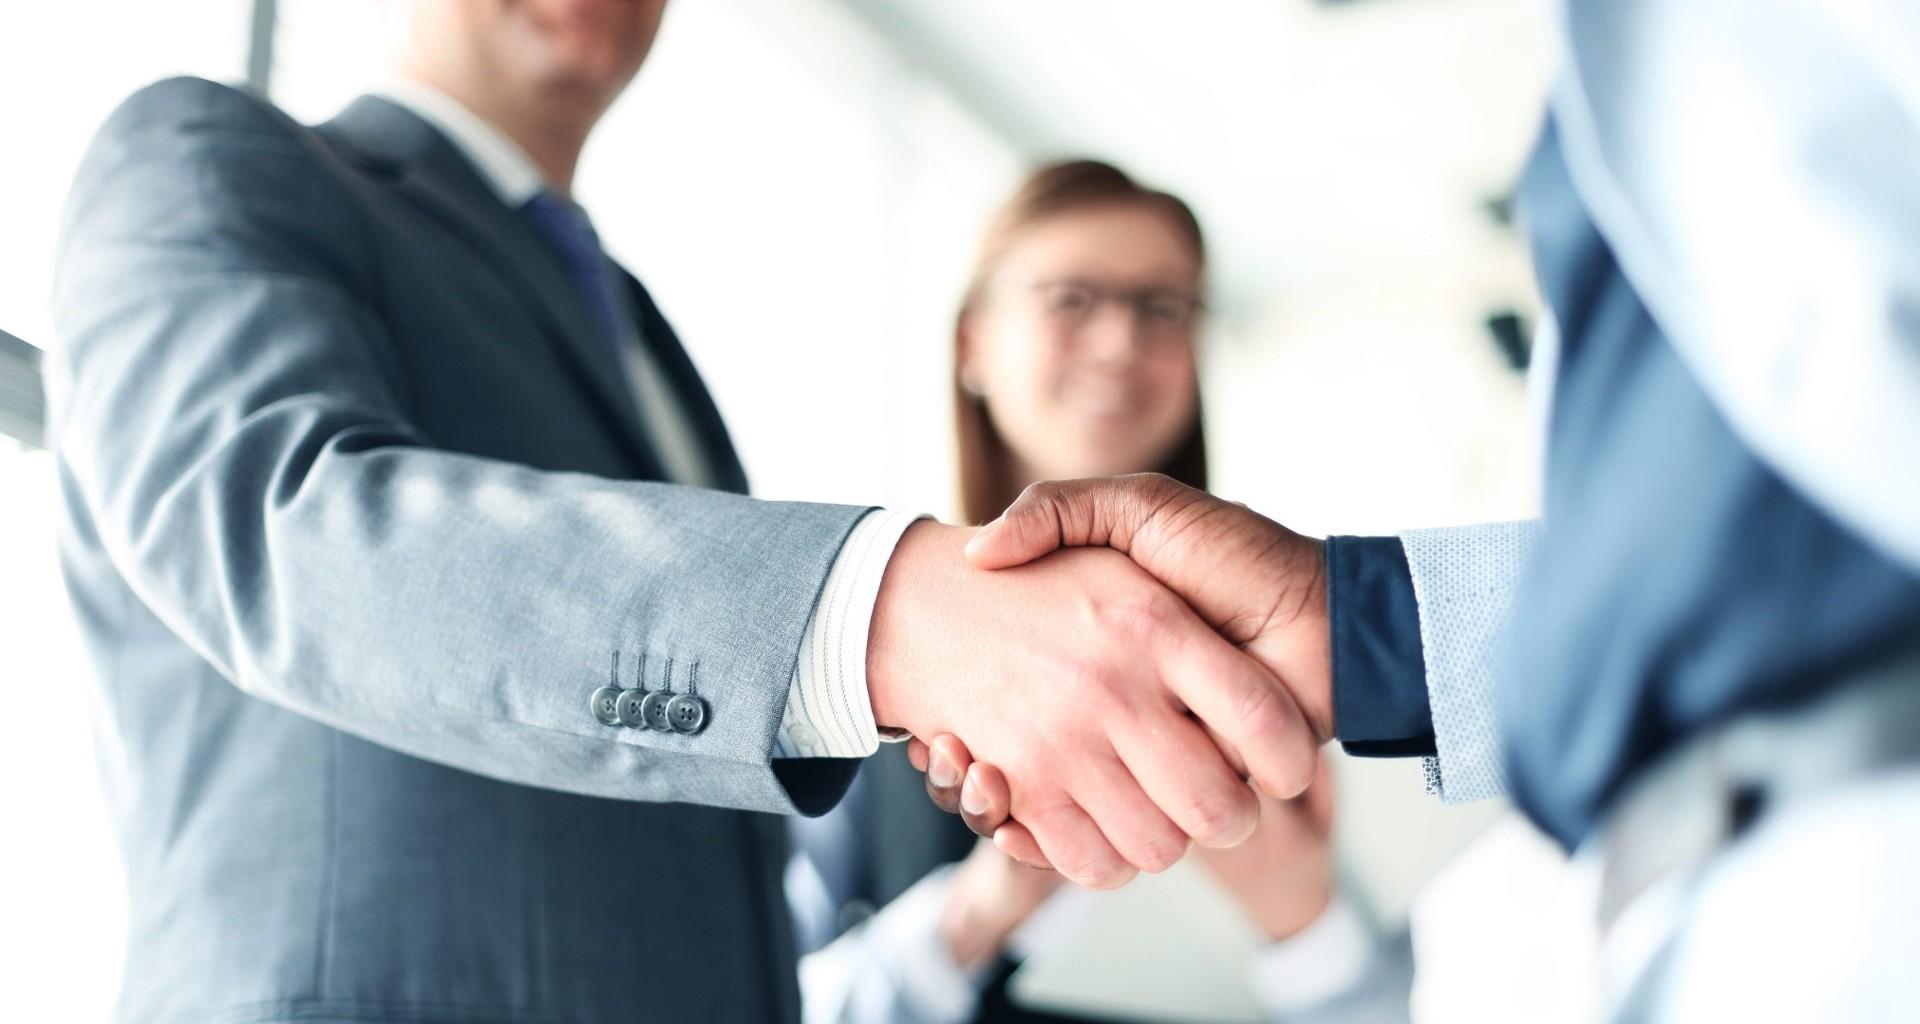 5 claves para tener una reunión eficiente de negocios | Tecnológico de Monterrey